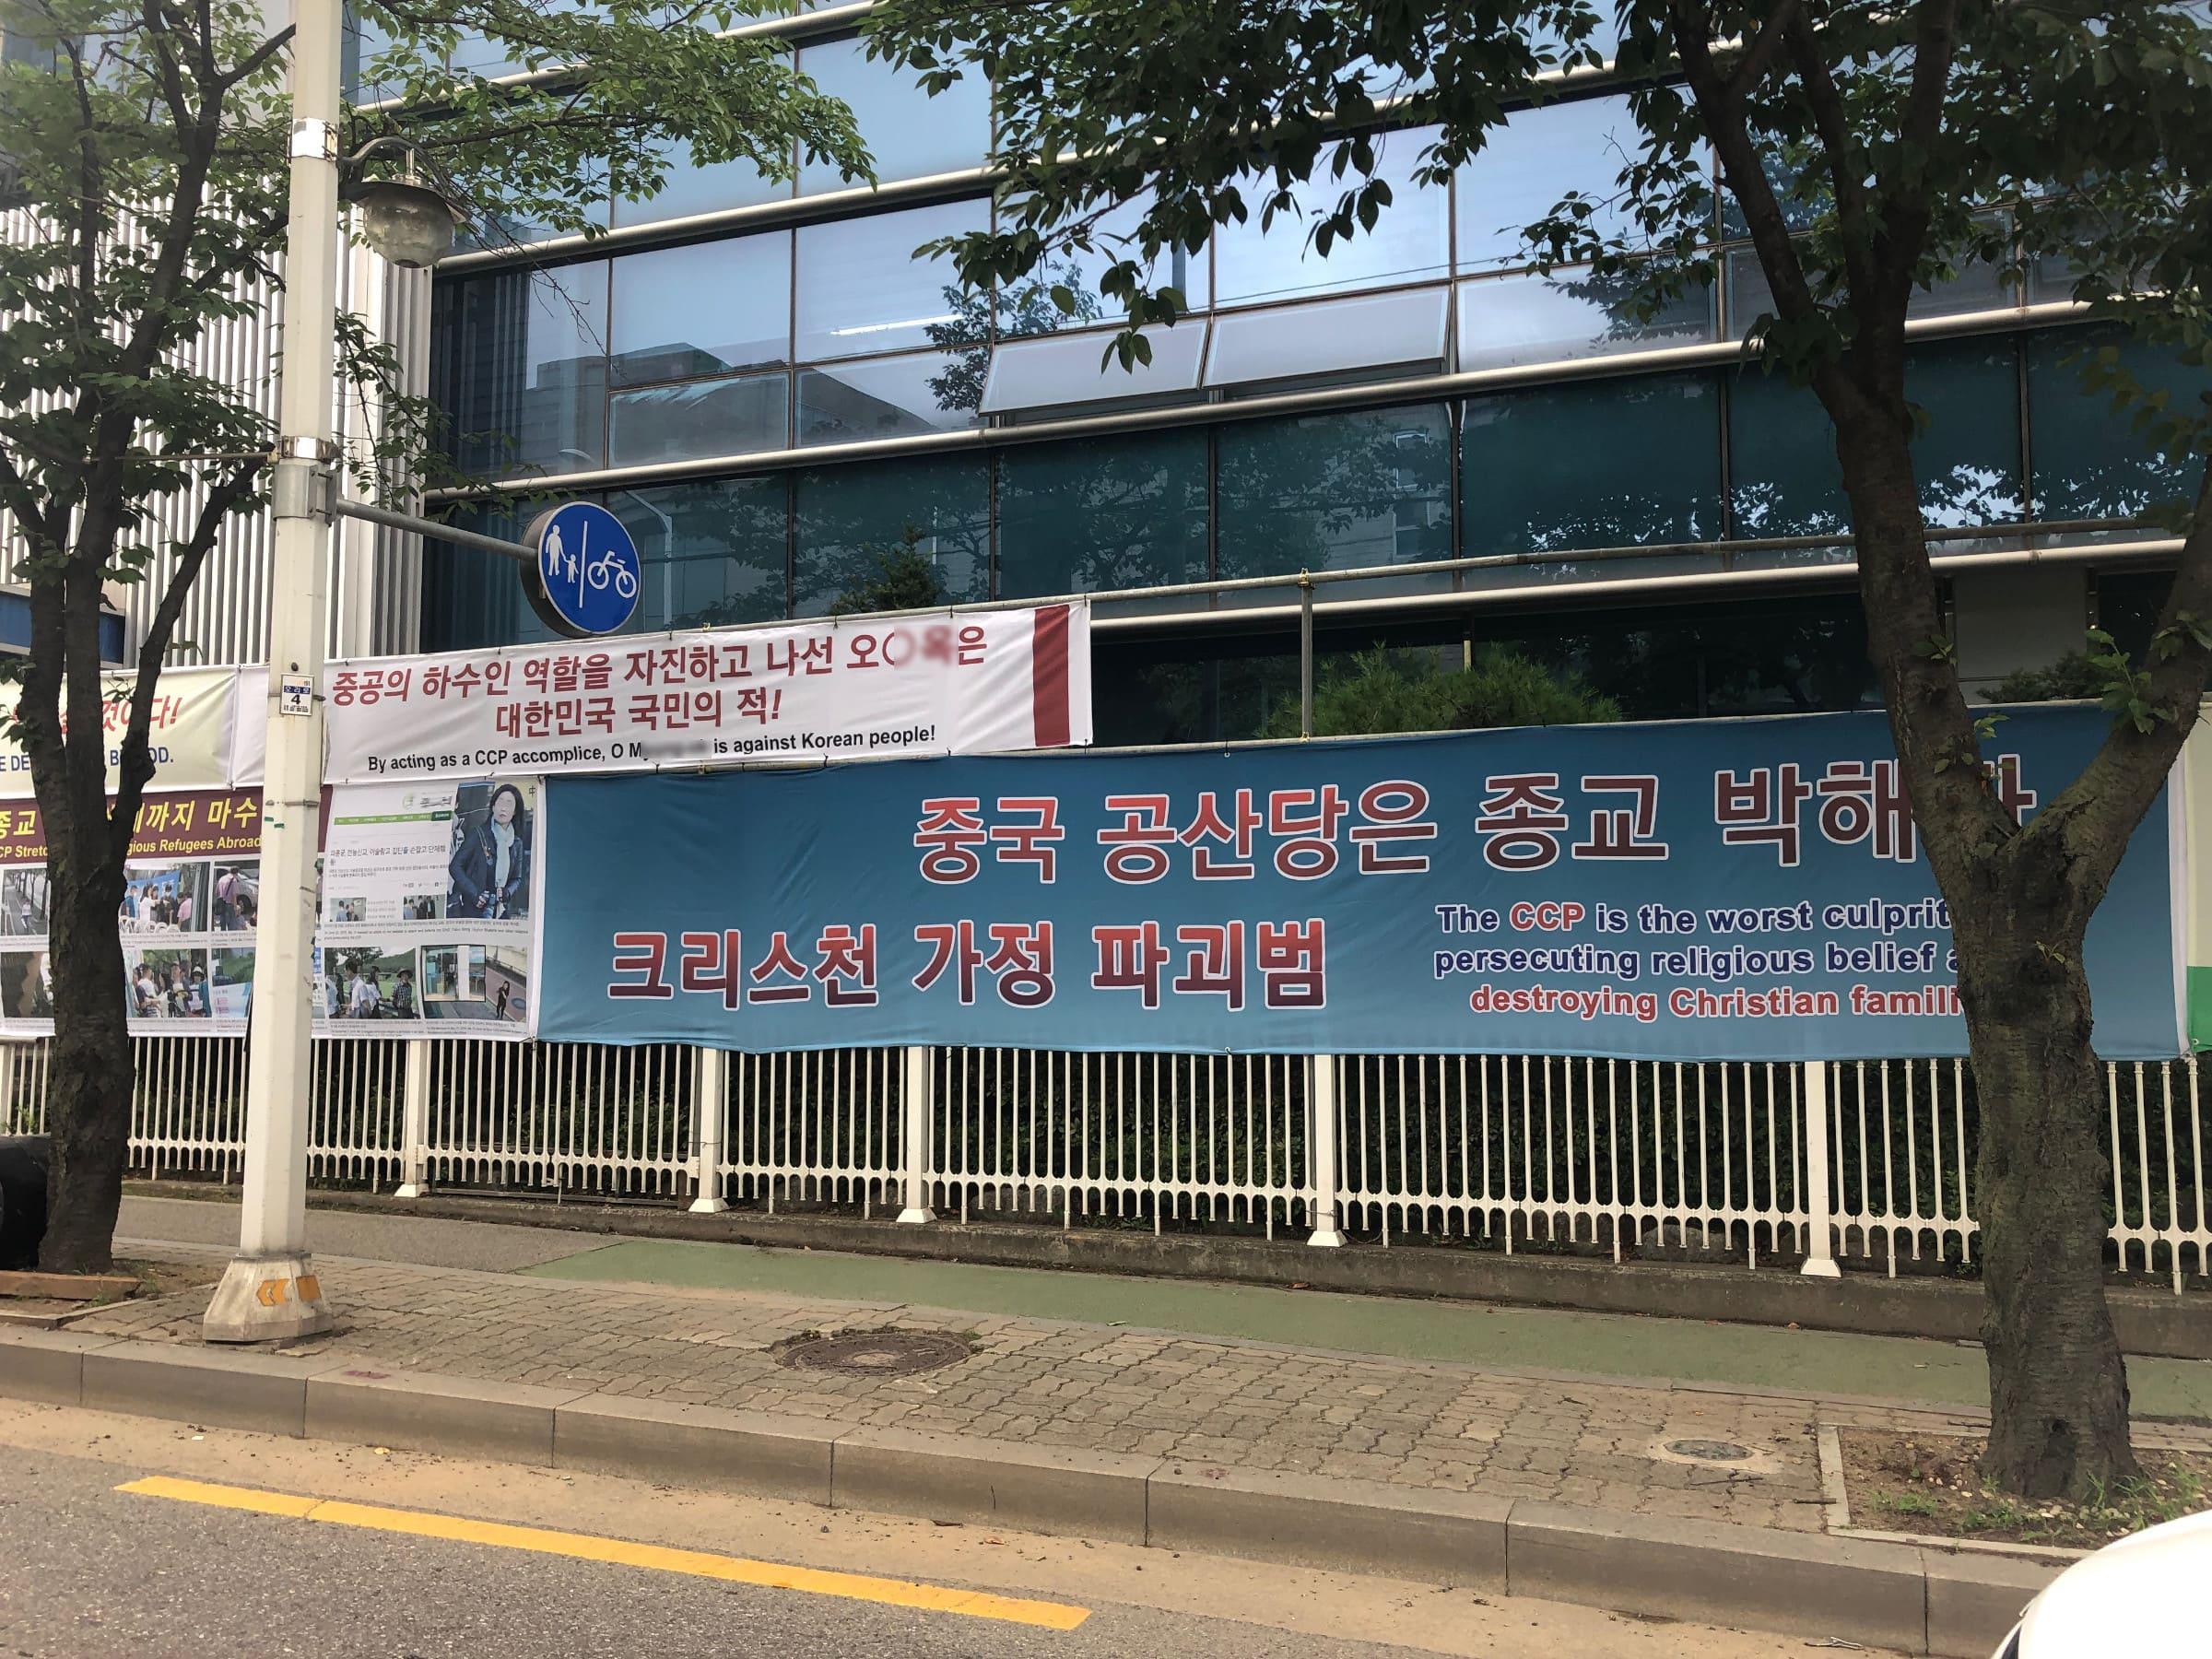 吴O玉充当中共的帮凶就是与韩国人民为敌!